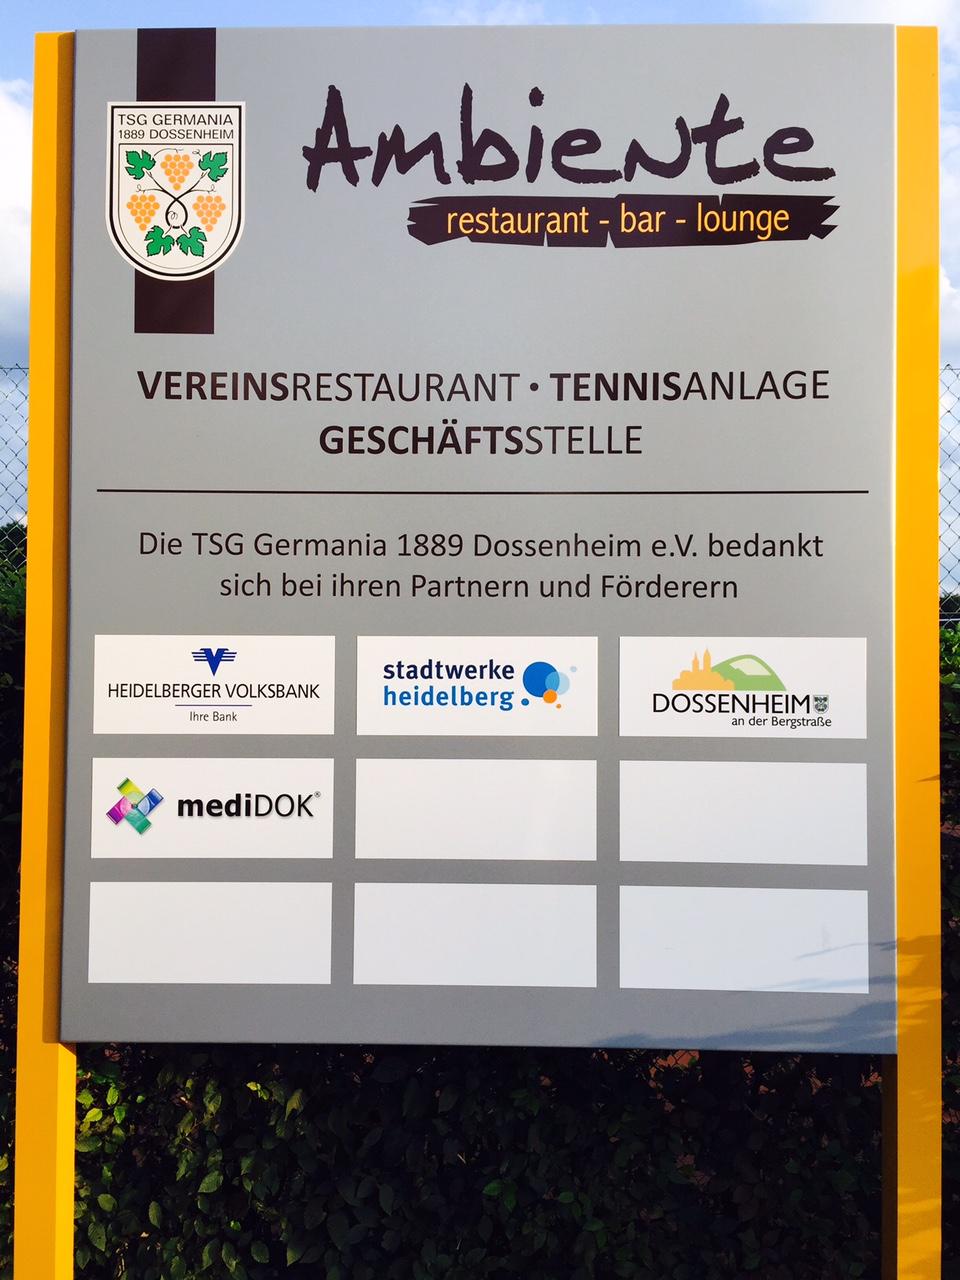 medidok_als_forderer_der_tsg_germania_dossenheim